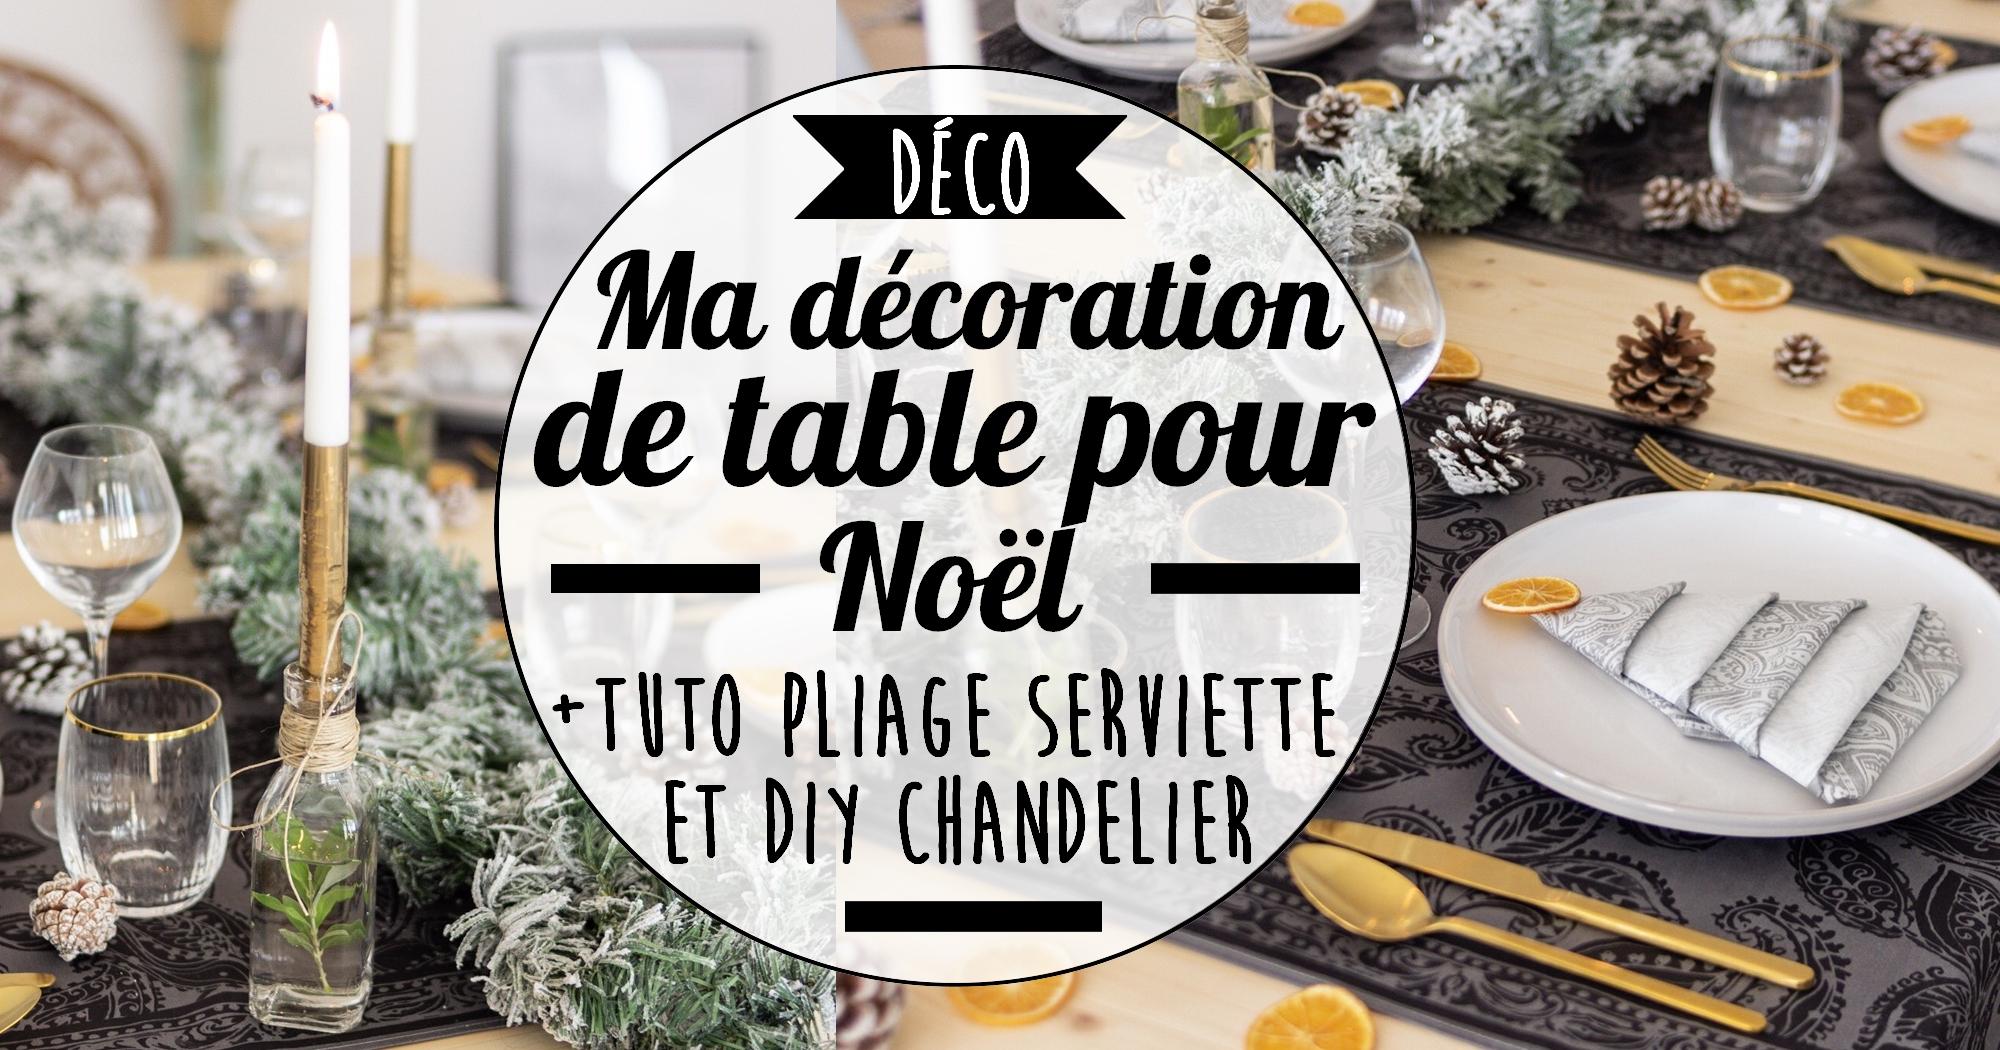 Ma décoration de table pour Noël (+ tuto Do it yourself)